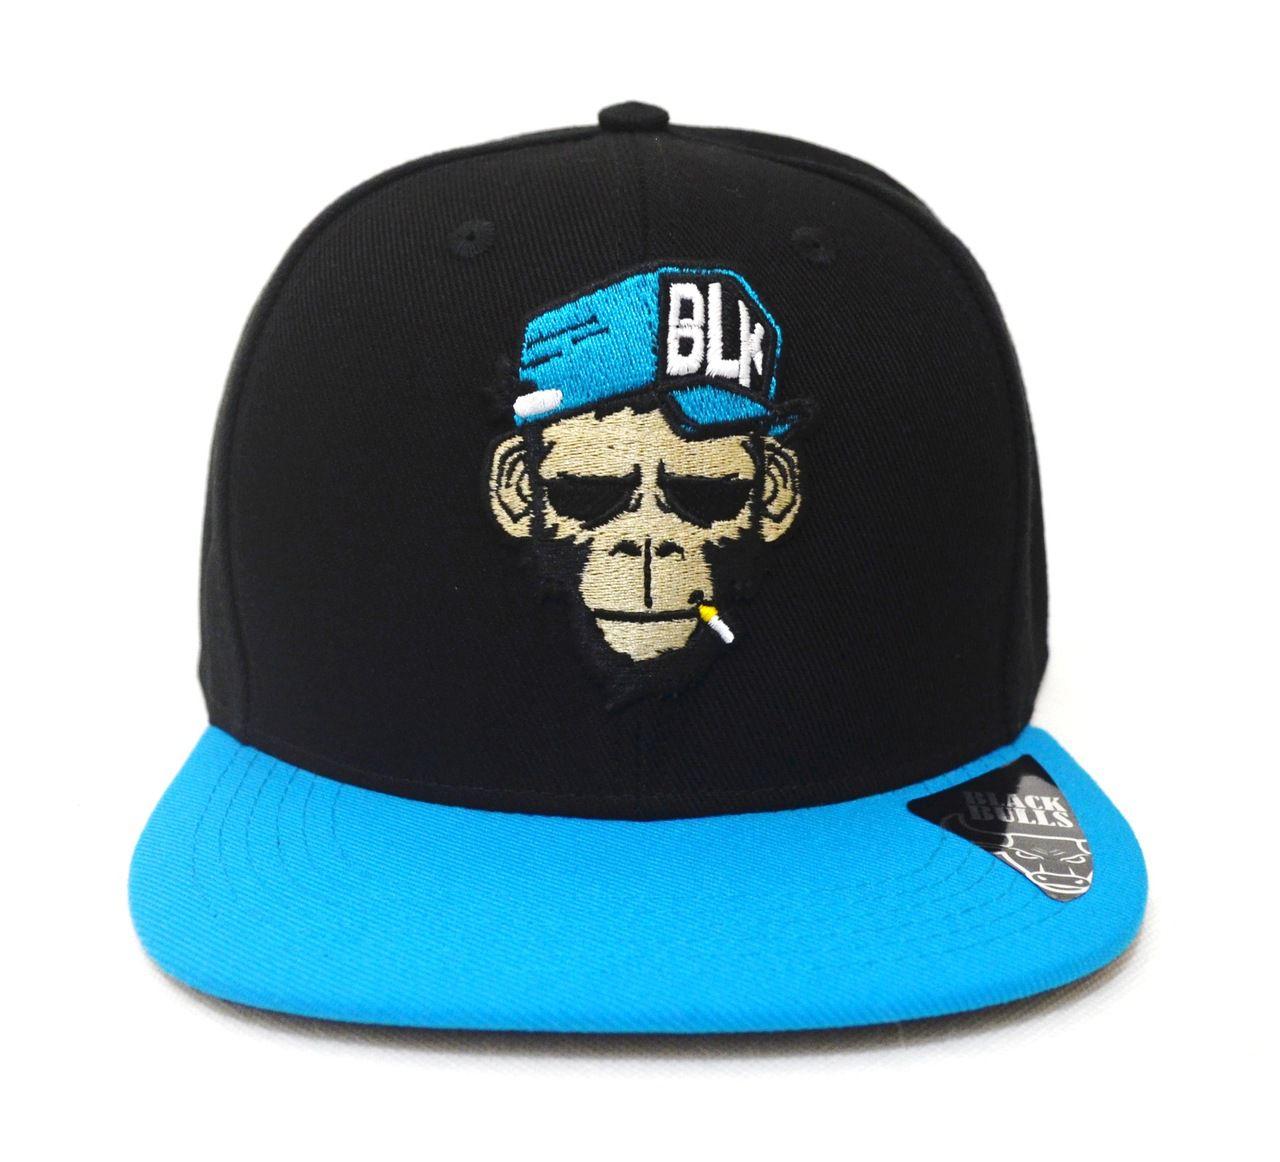 68151bf78f Boné Smoke Monkey Aba Reta Preto e Azul - Ajuste de Tamanho Snapback - Bonés  da ...